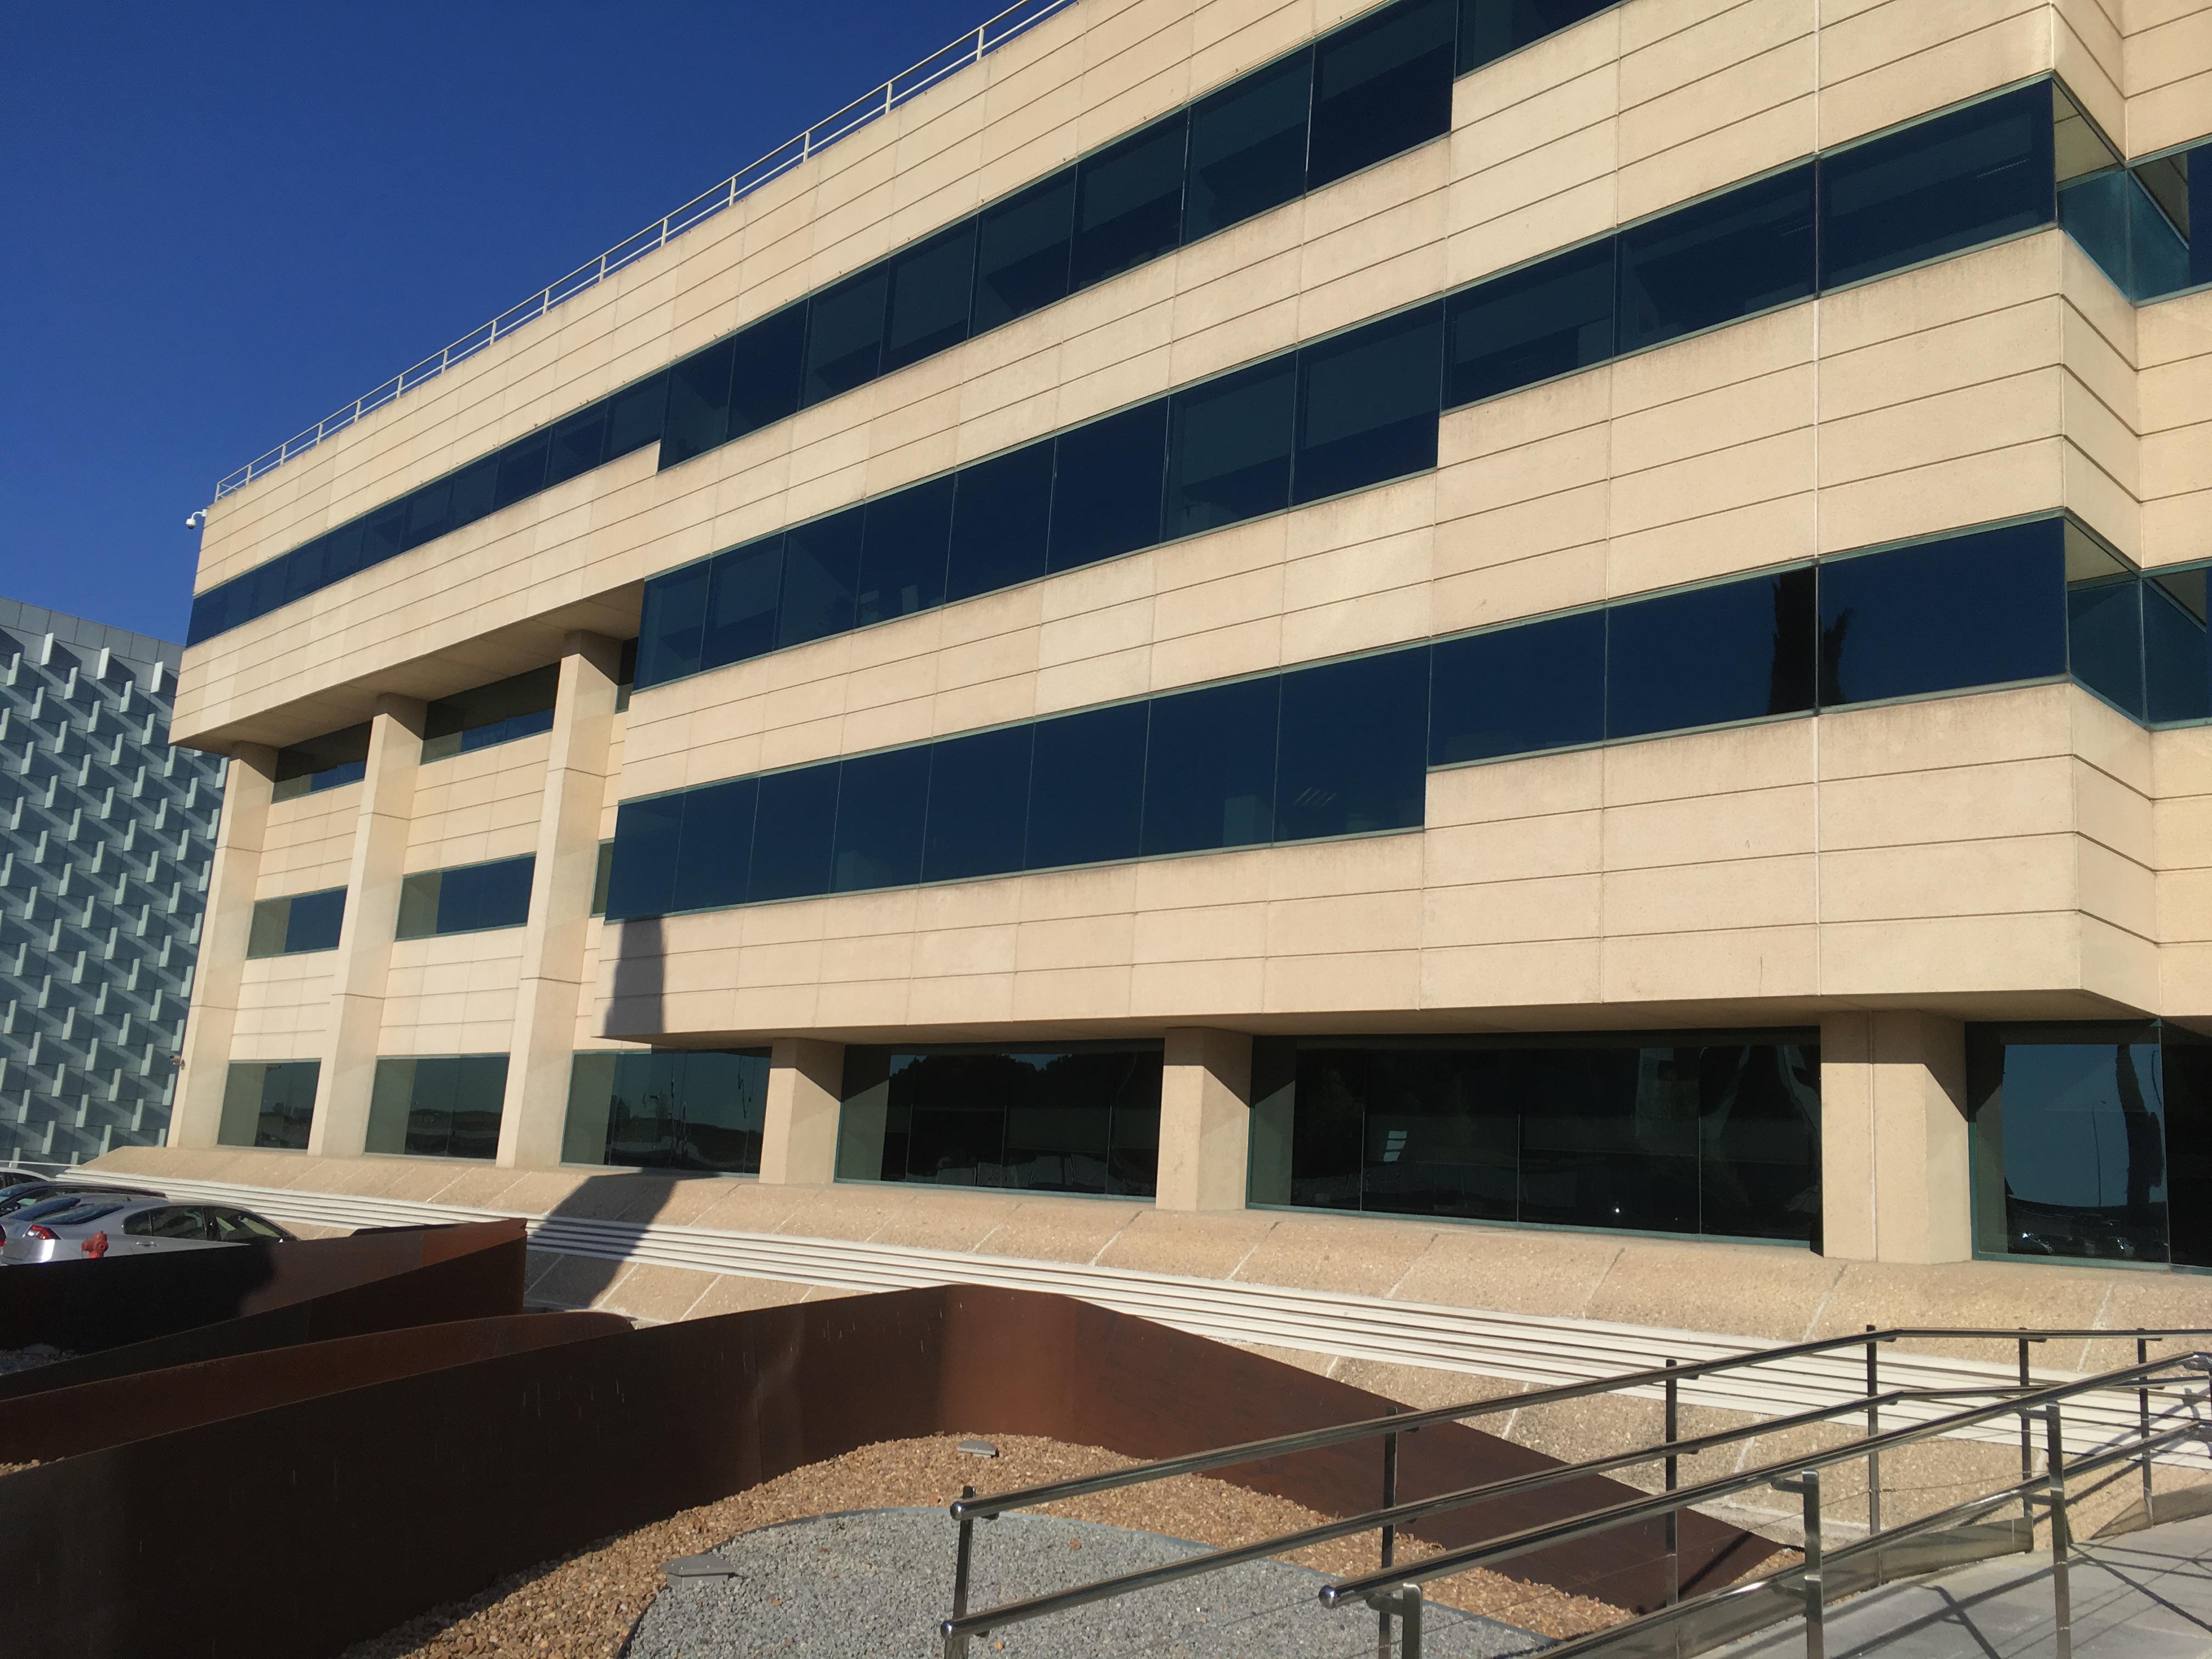 Edificio de oficinas Avenida Europa. PROARQ - Arquitectos Madrid